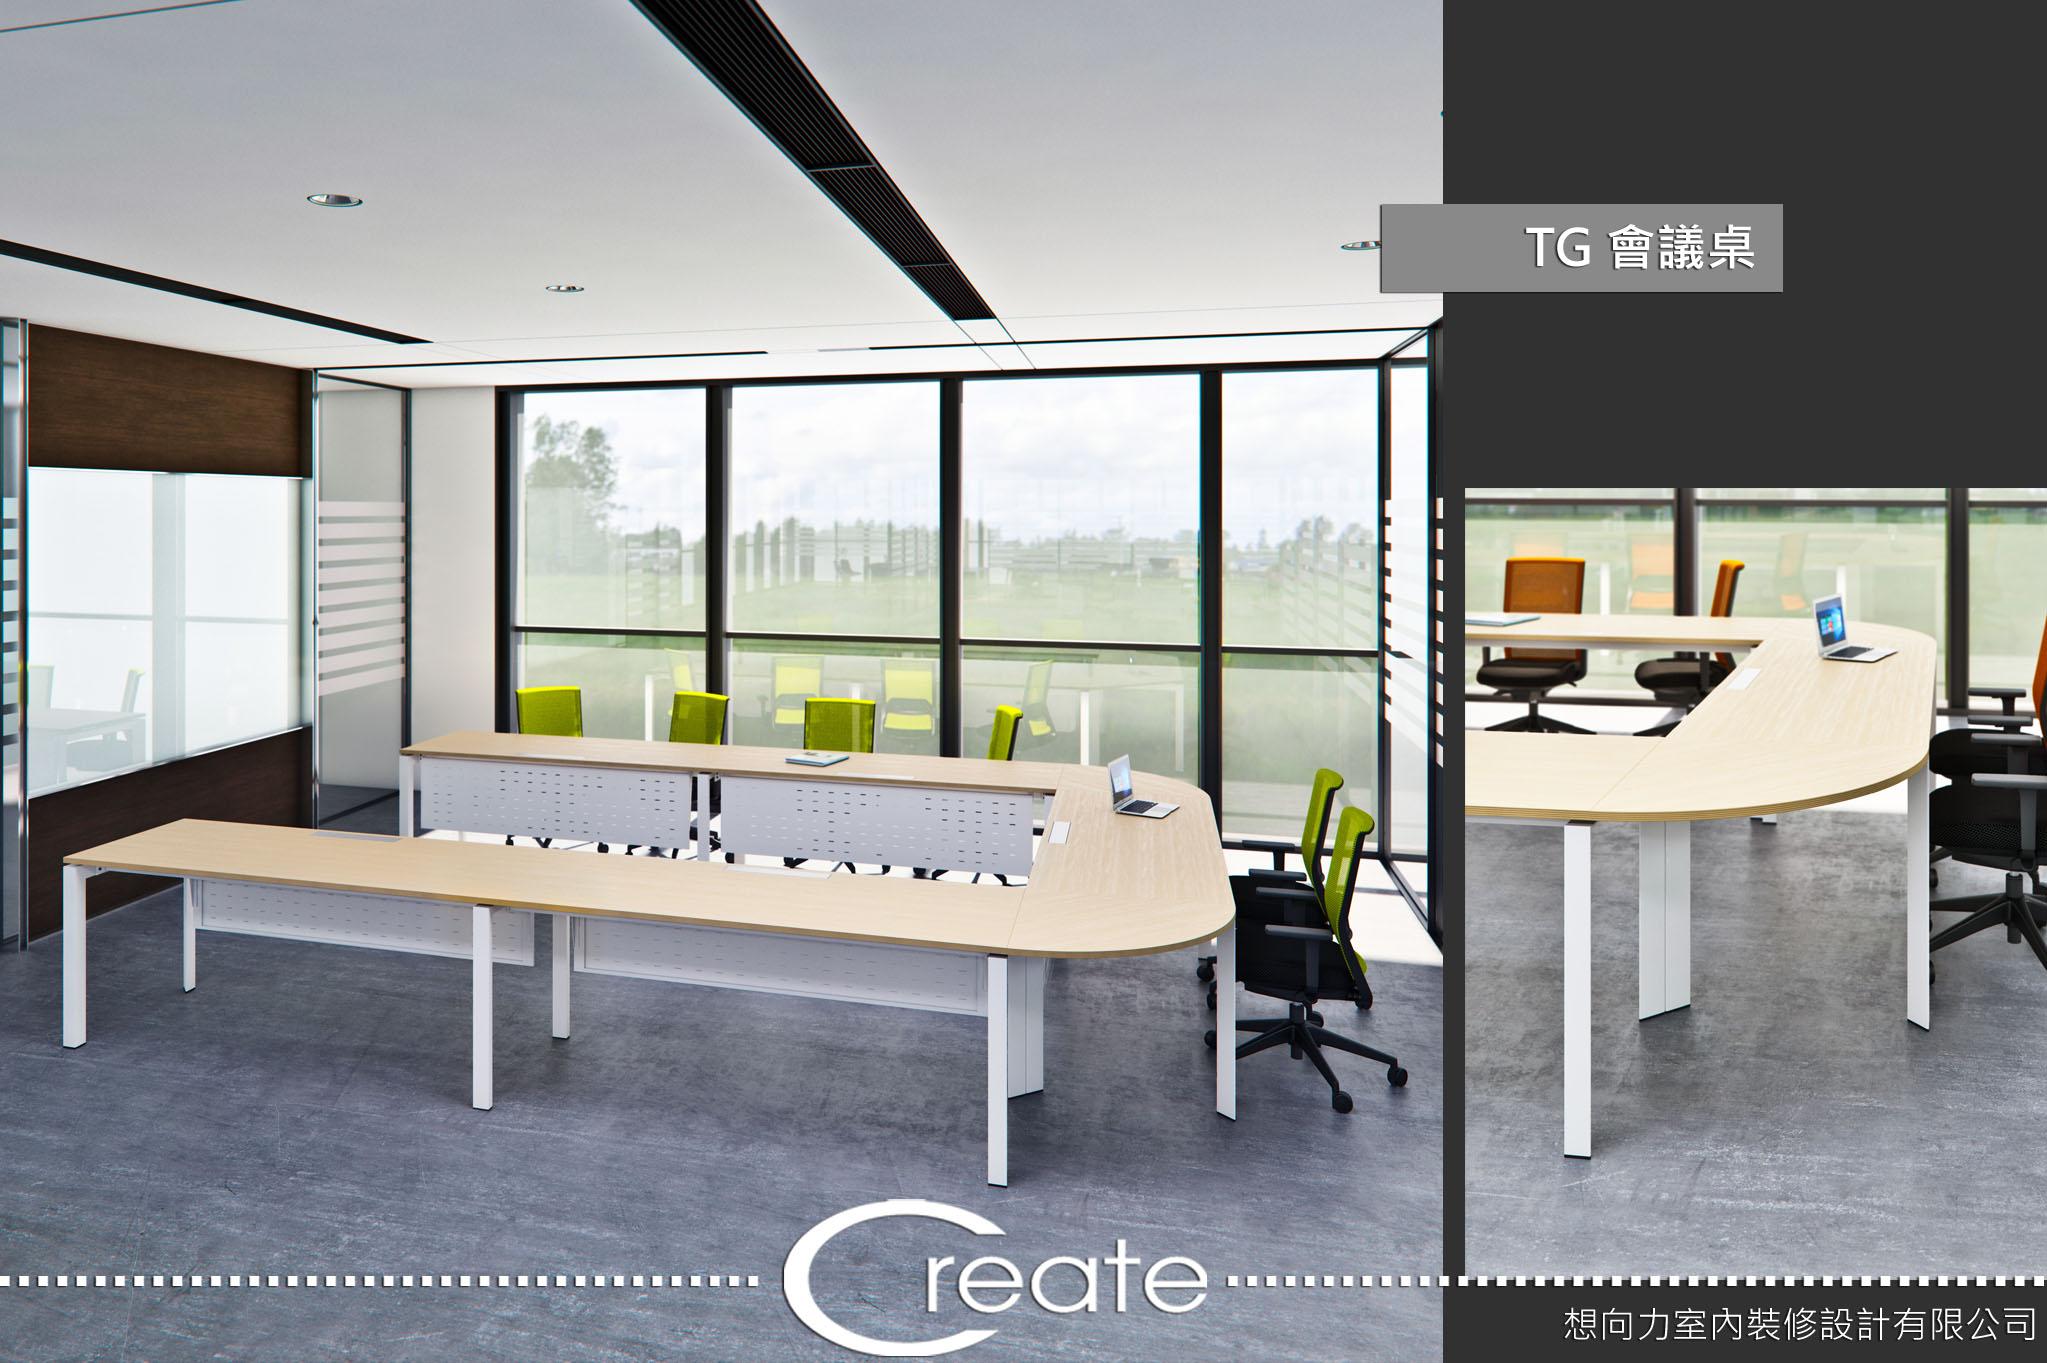 TG-會議桌